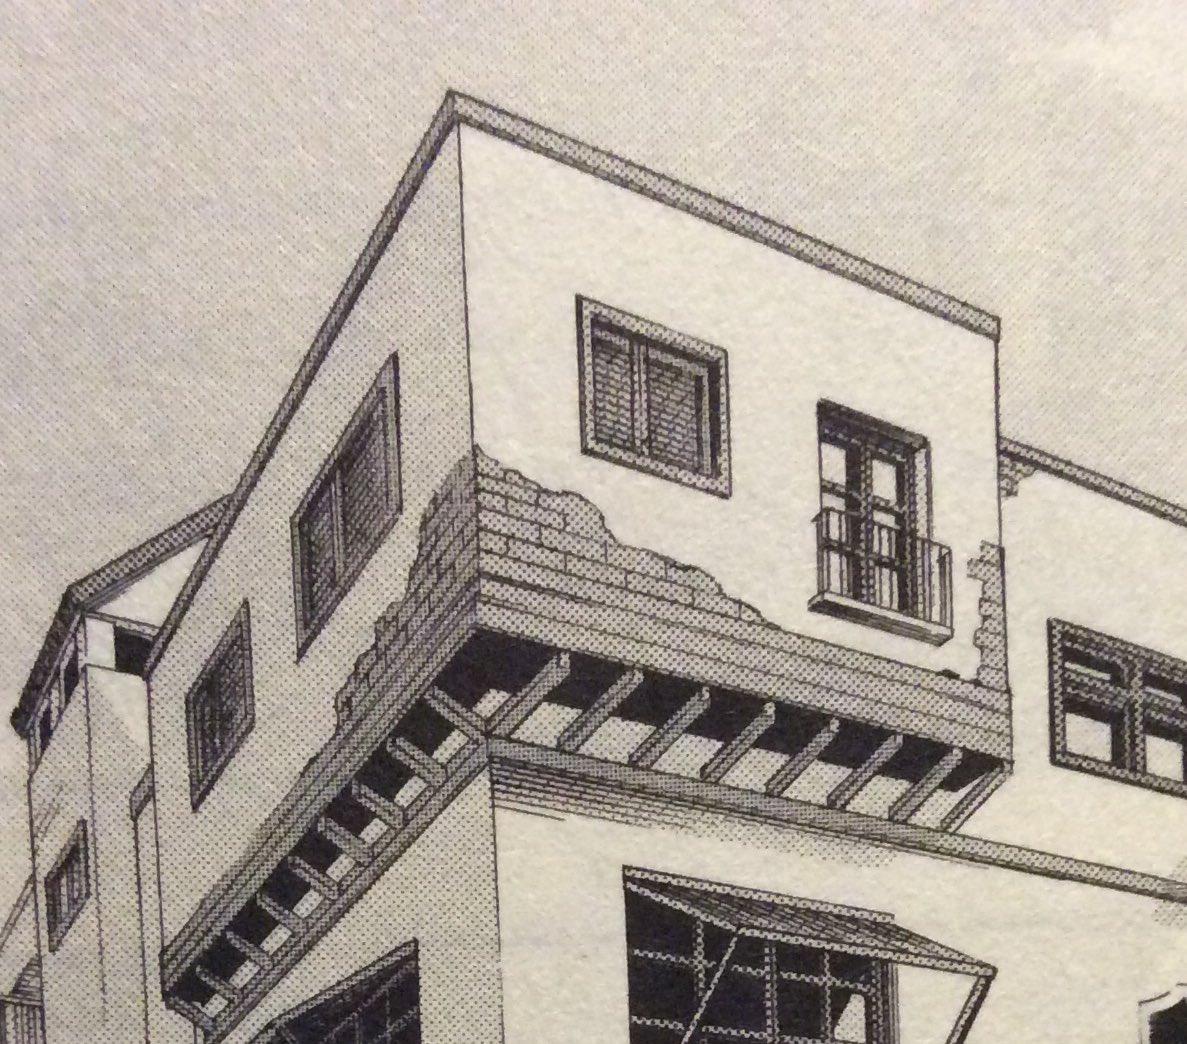 迅さんの部屋はよく見たら雨戸の窓があった雨戸のある窓は他にもあるが迅さんが帰宅した時開いているので、このいつも雨戸閉まっ